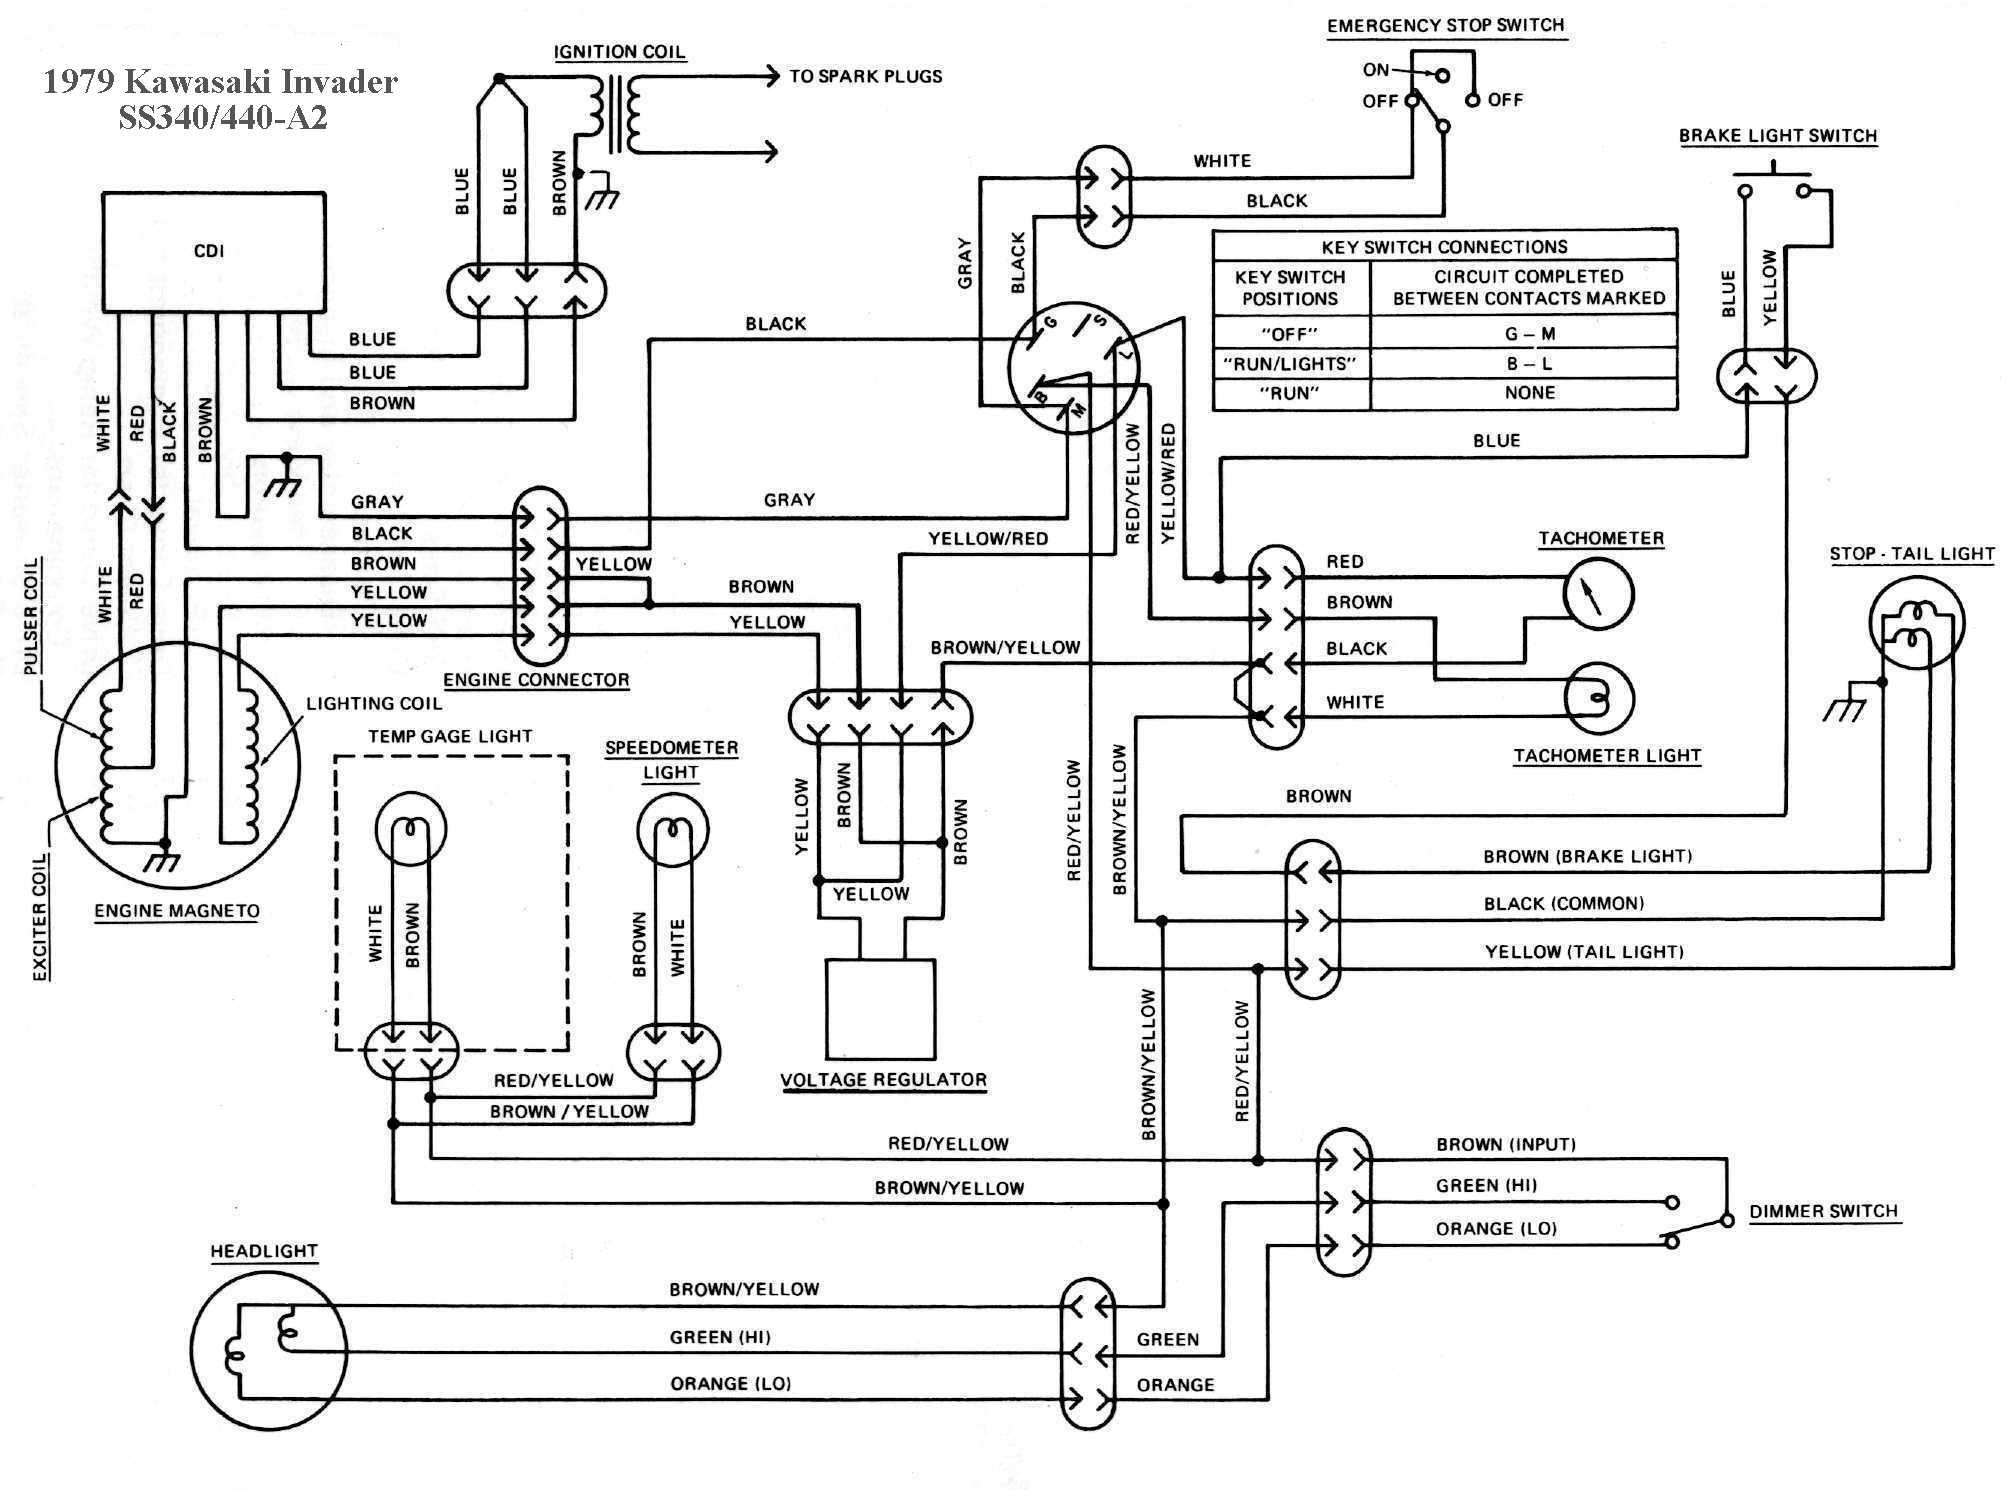 2011 polaris switch back 600 wiring diagram